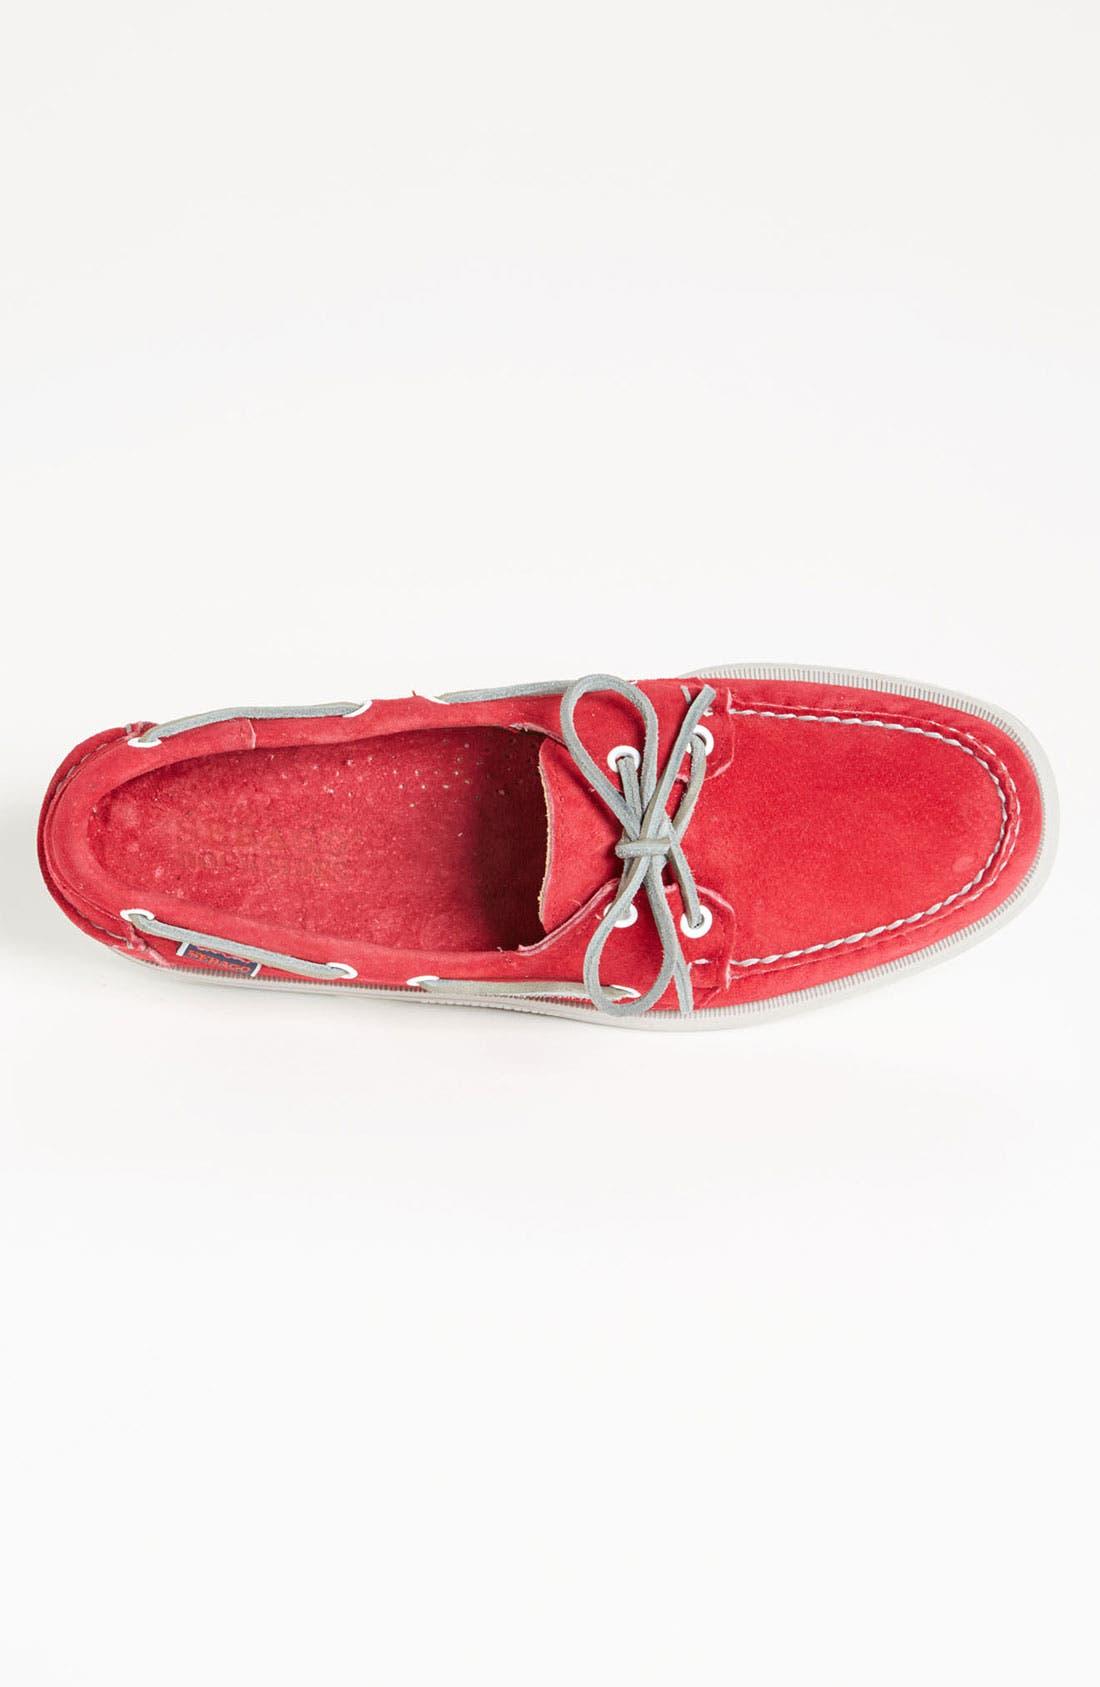 Alternate Image 3  - Sebago 'Docksides®' Suede Boat Shoe